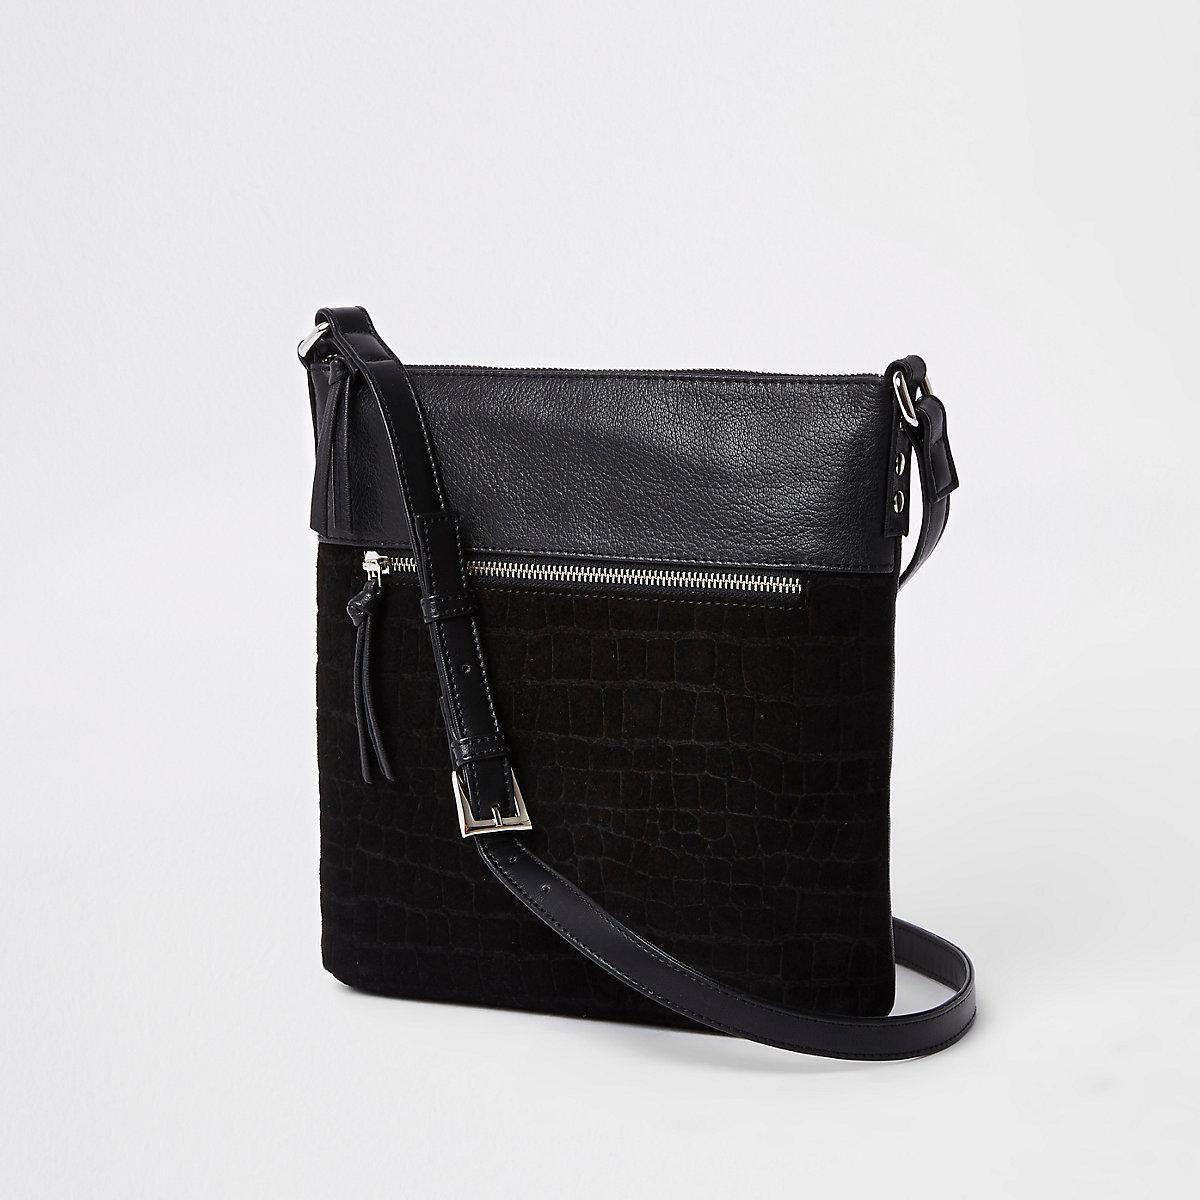 Black croc front pocket messenger bag